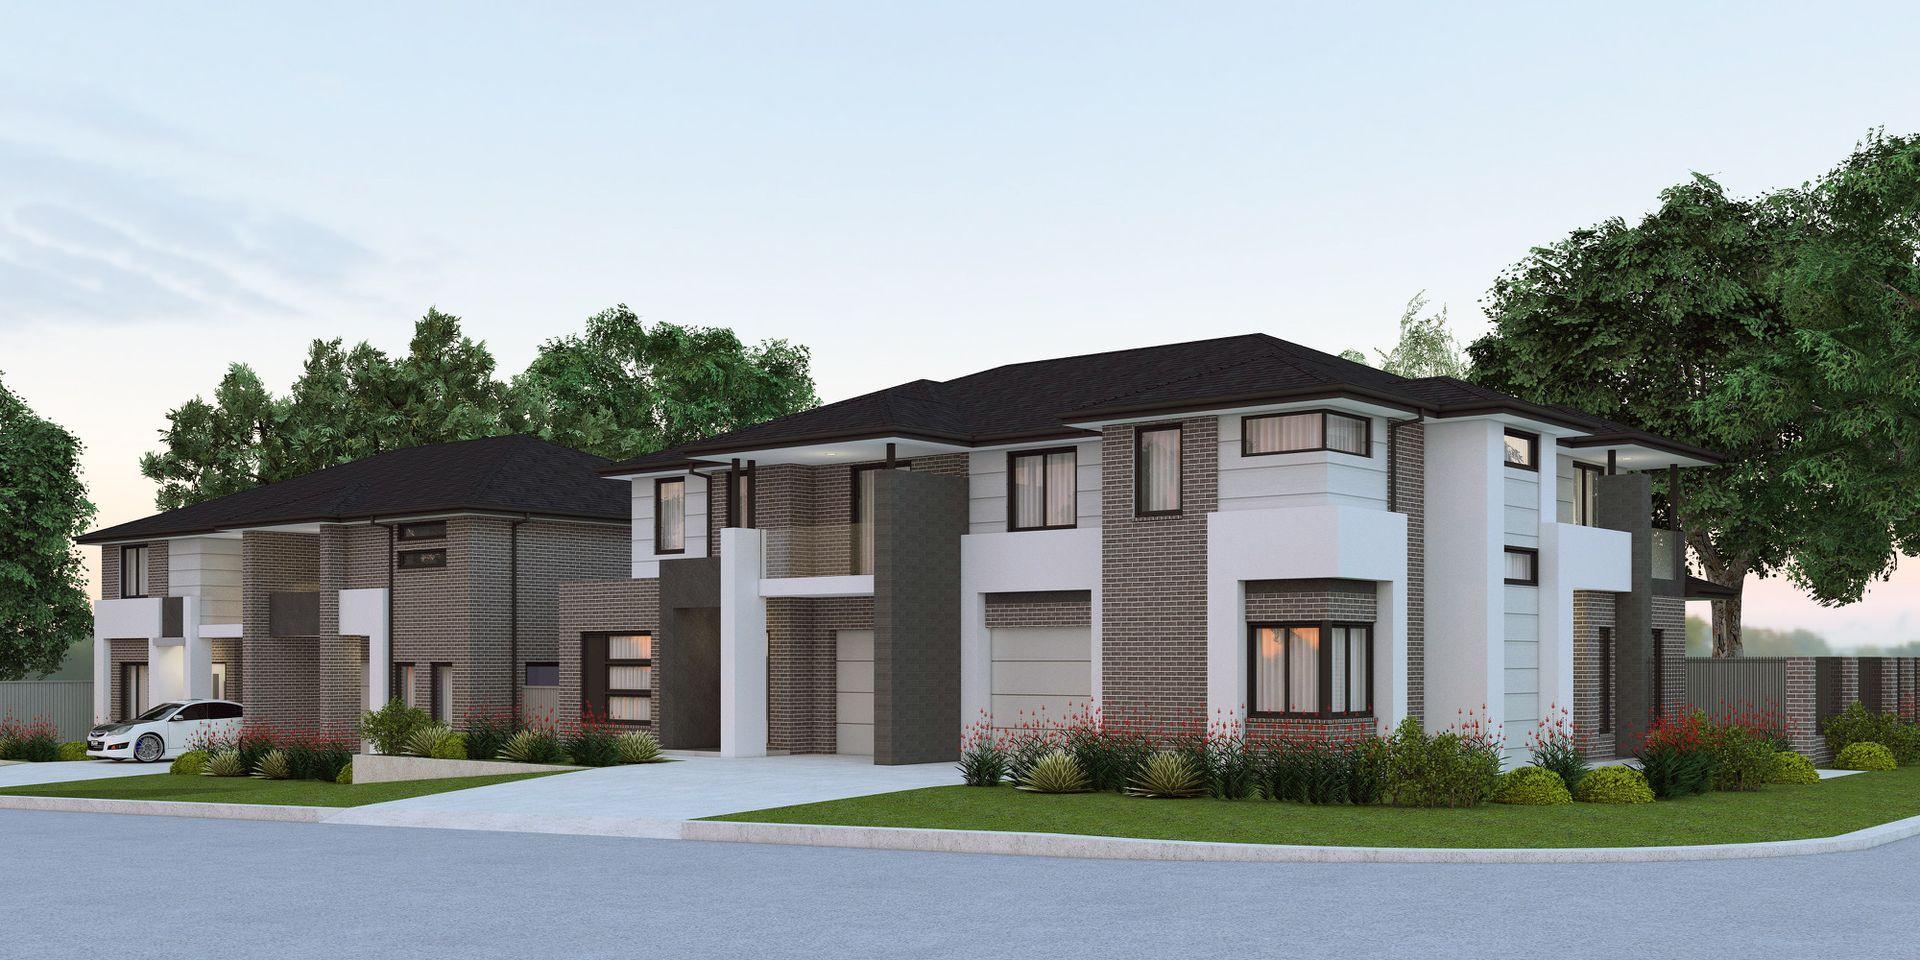 3/80 Oramzi Rd, Girraween NSW 2145, Image 0